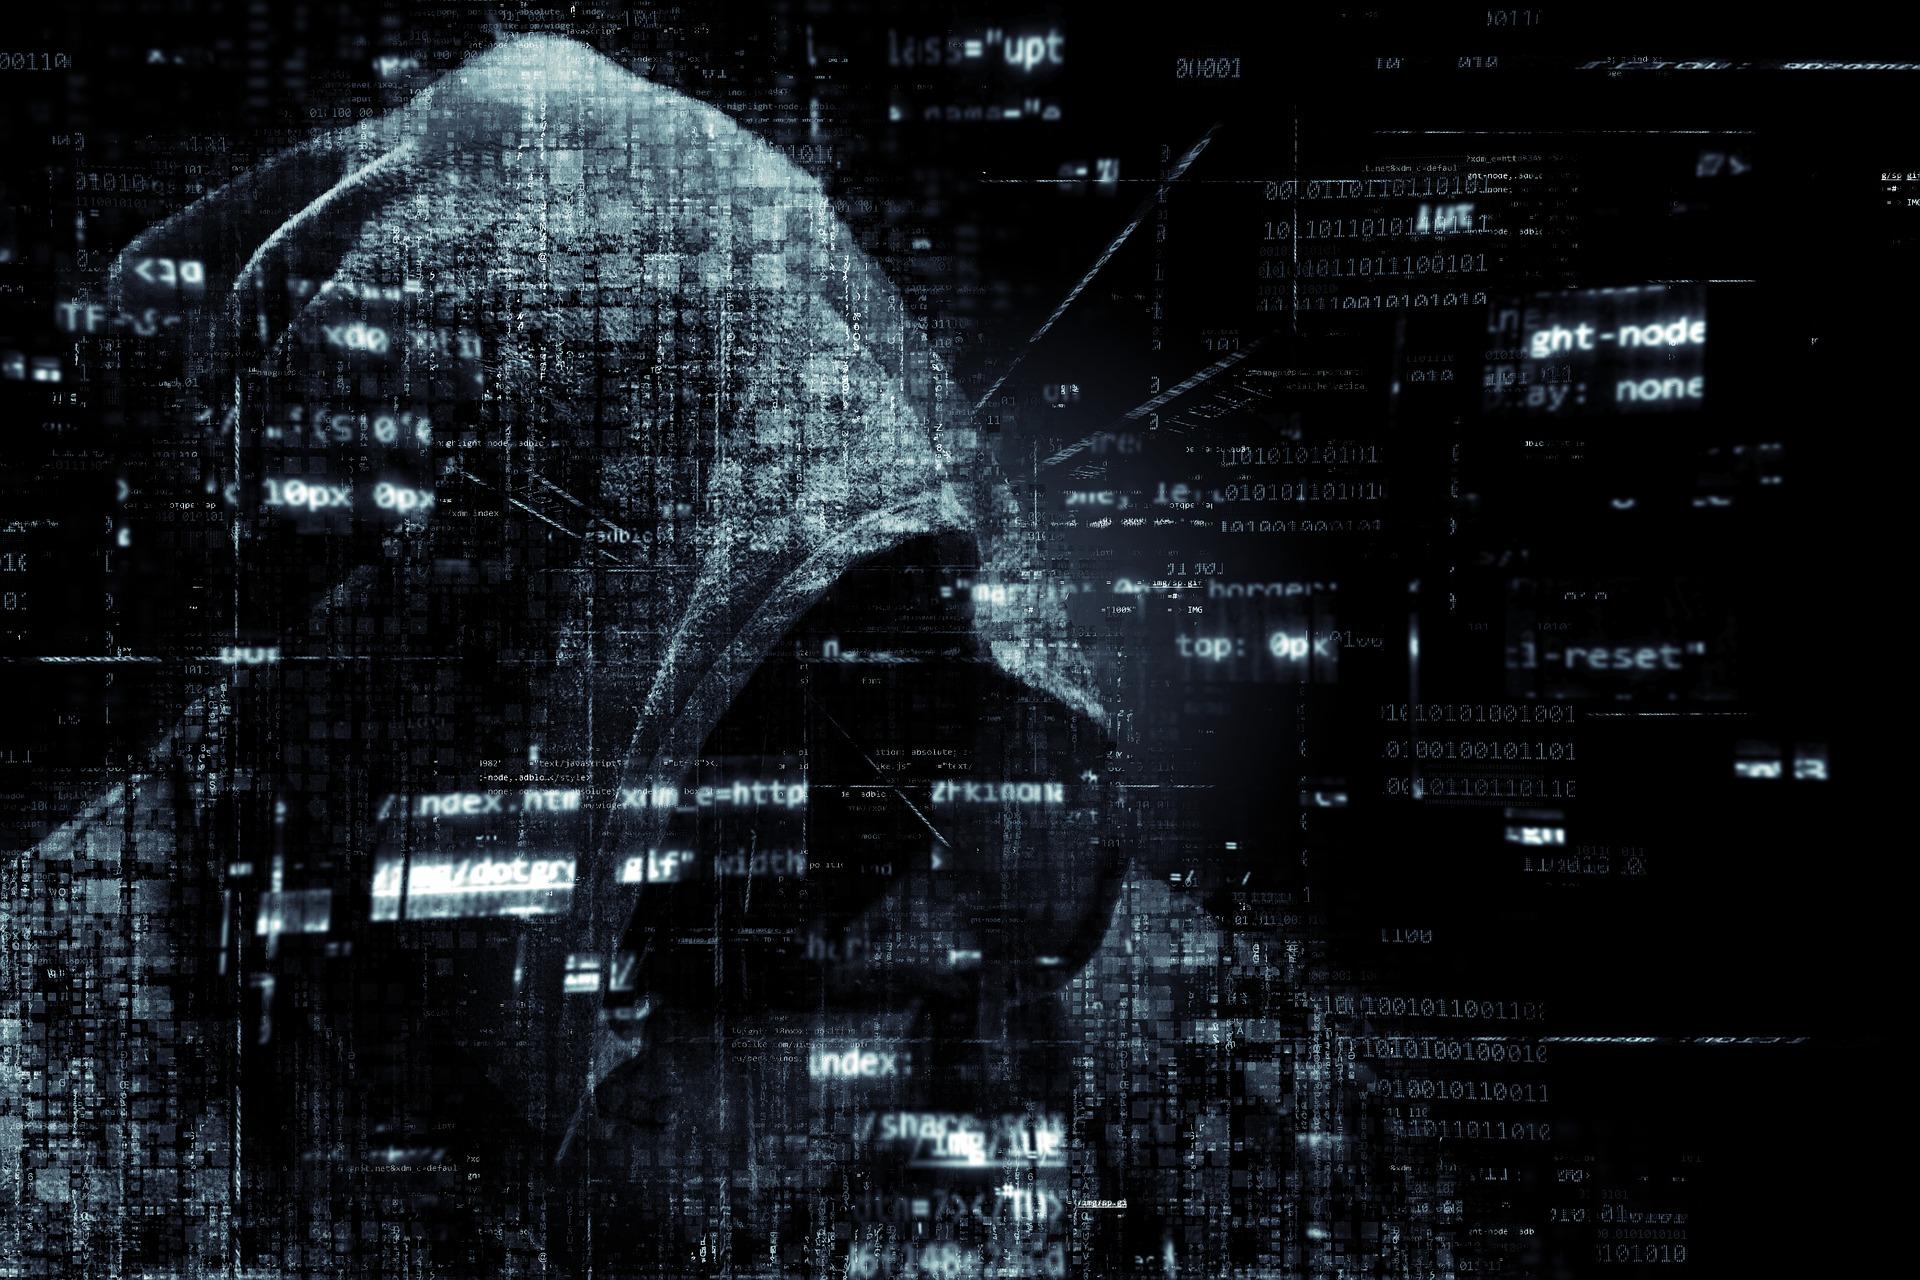 Perdite Per Oltre 4 Miliardi Di Dollari: Rapporto Annuale Dell'FBI, +69% Denunce Per Crimini Informatici